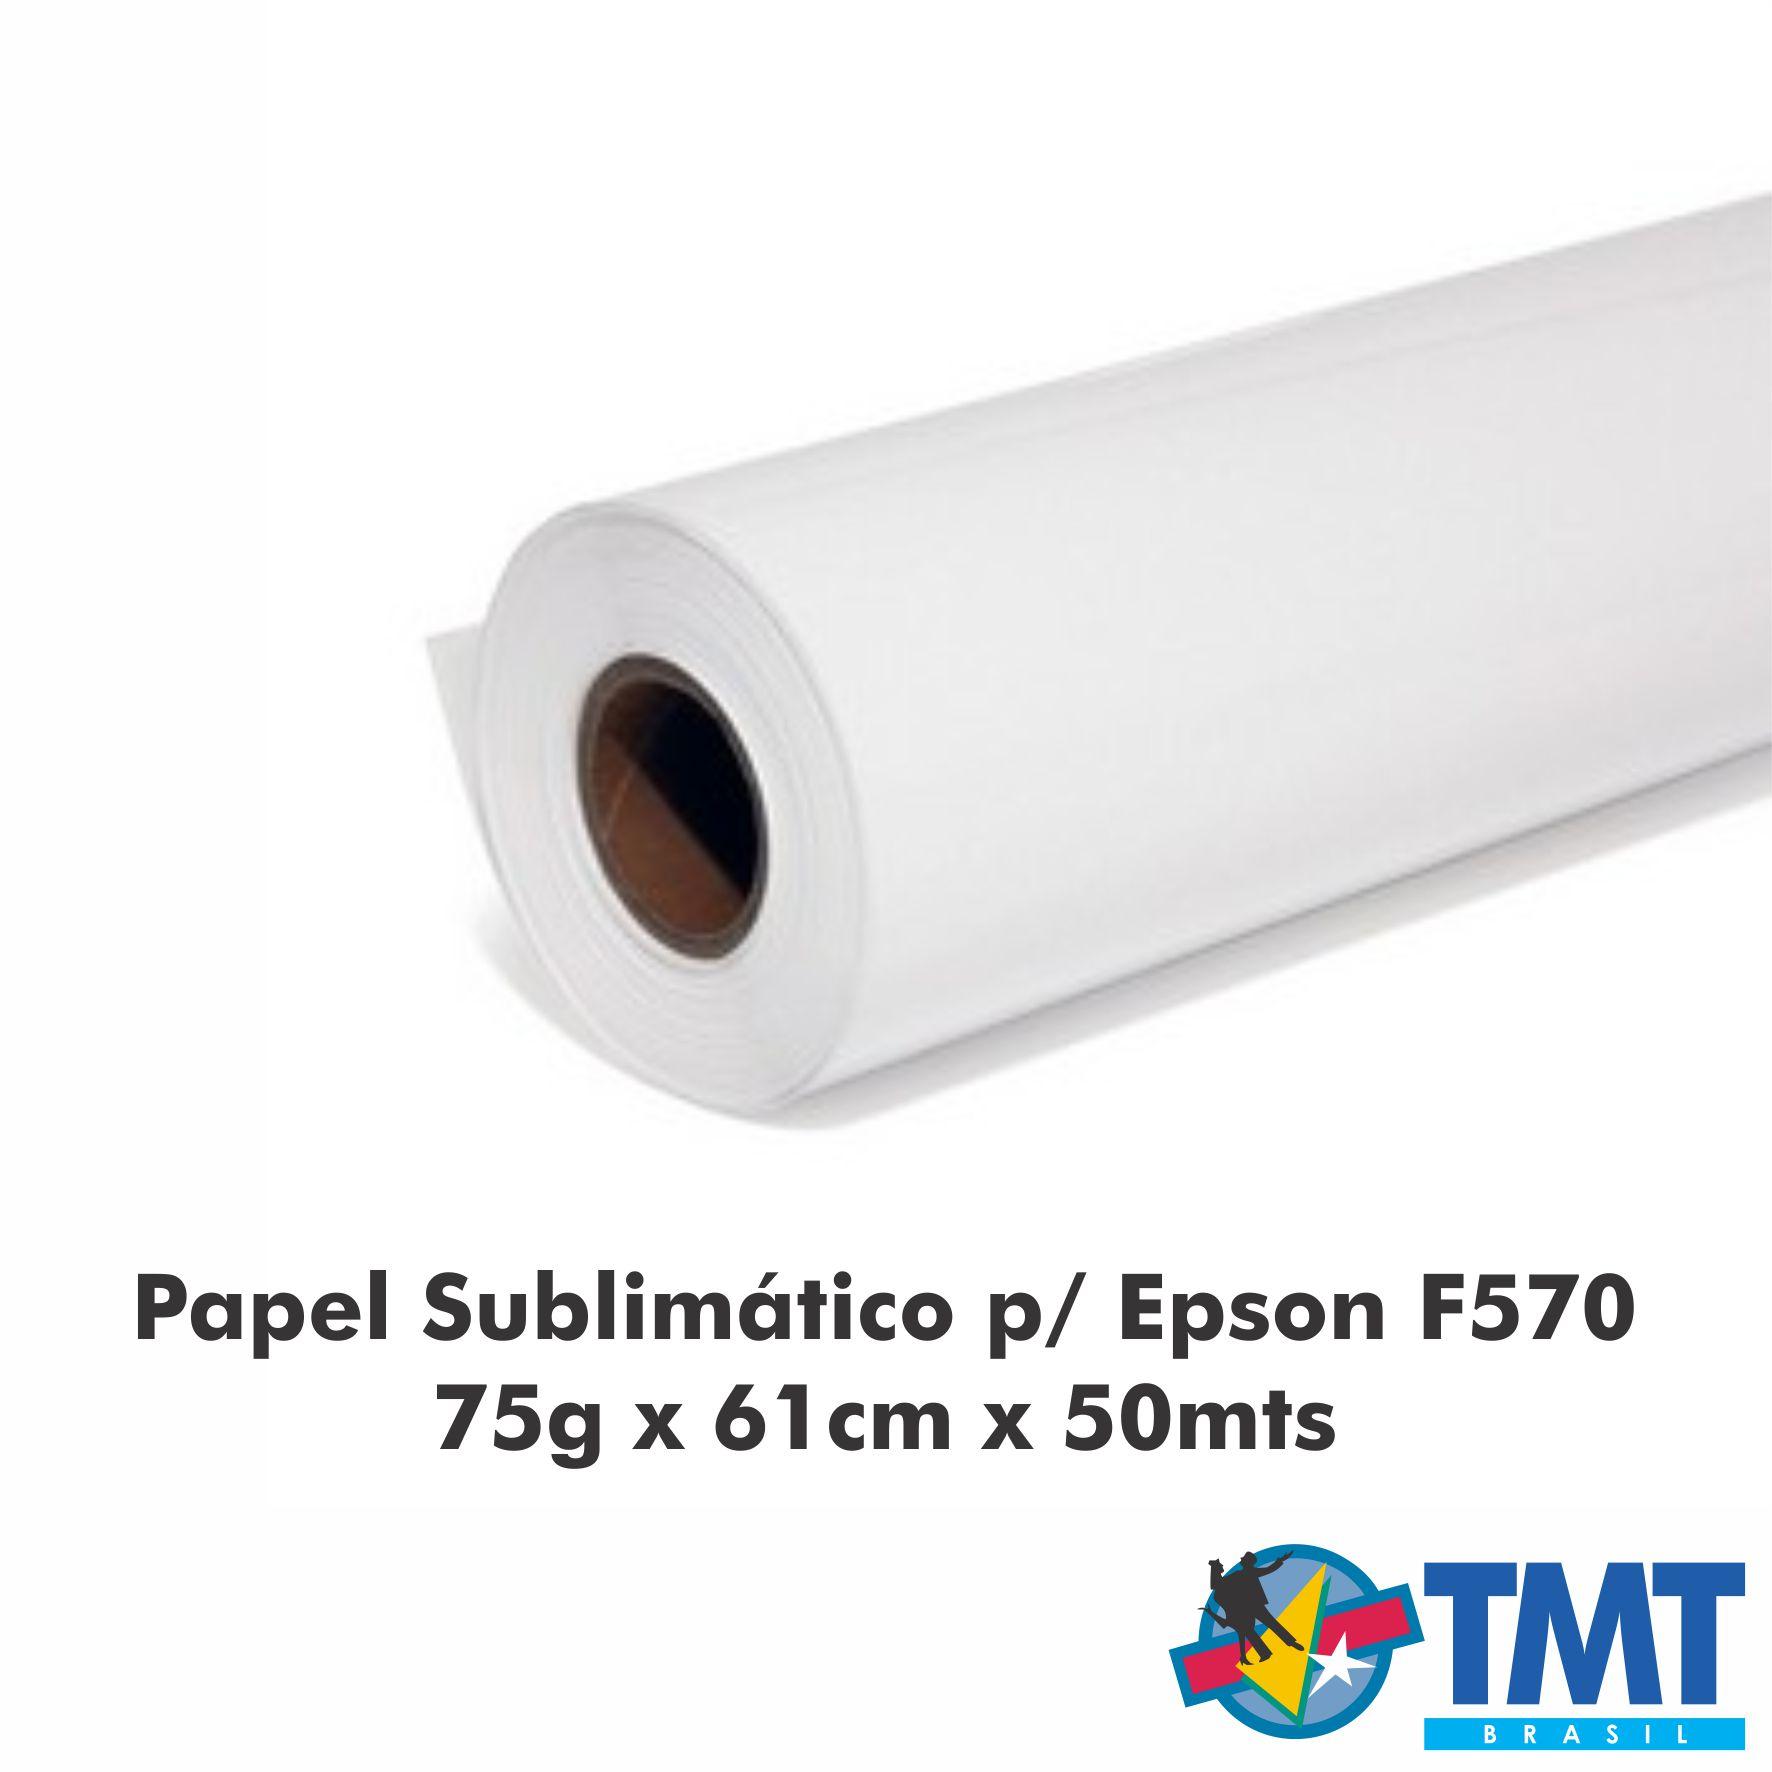 Papel Sublimático Para Epson F570 75g - 61cm x 50mt